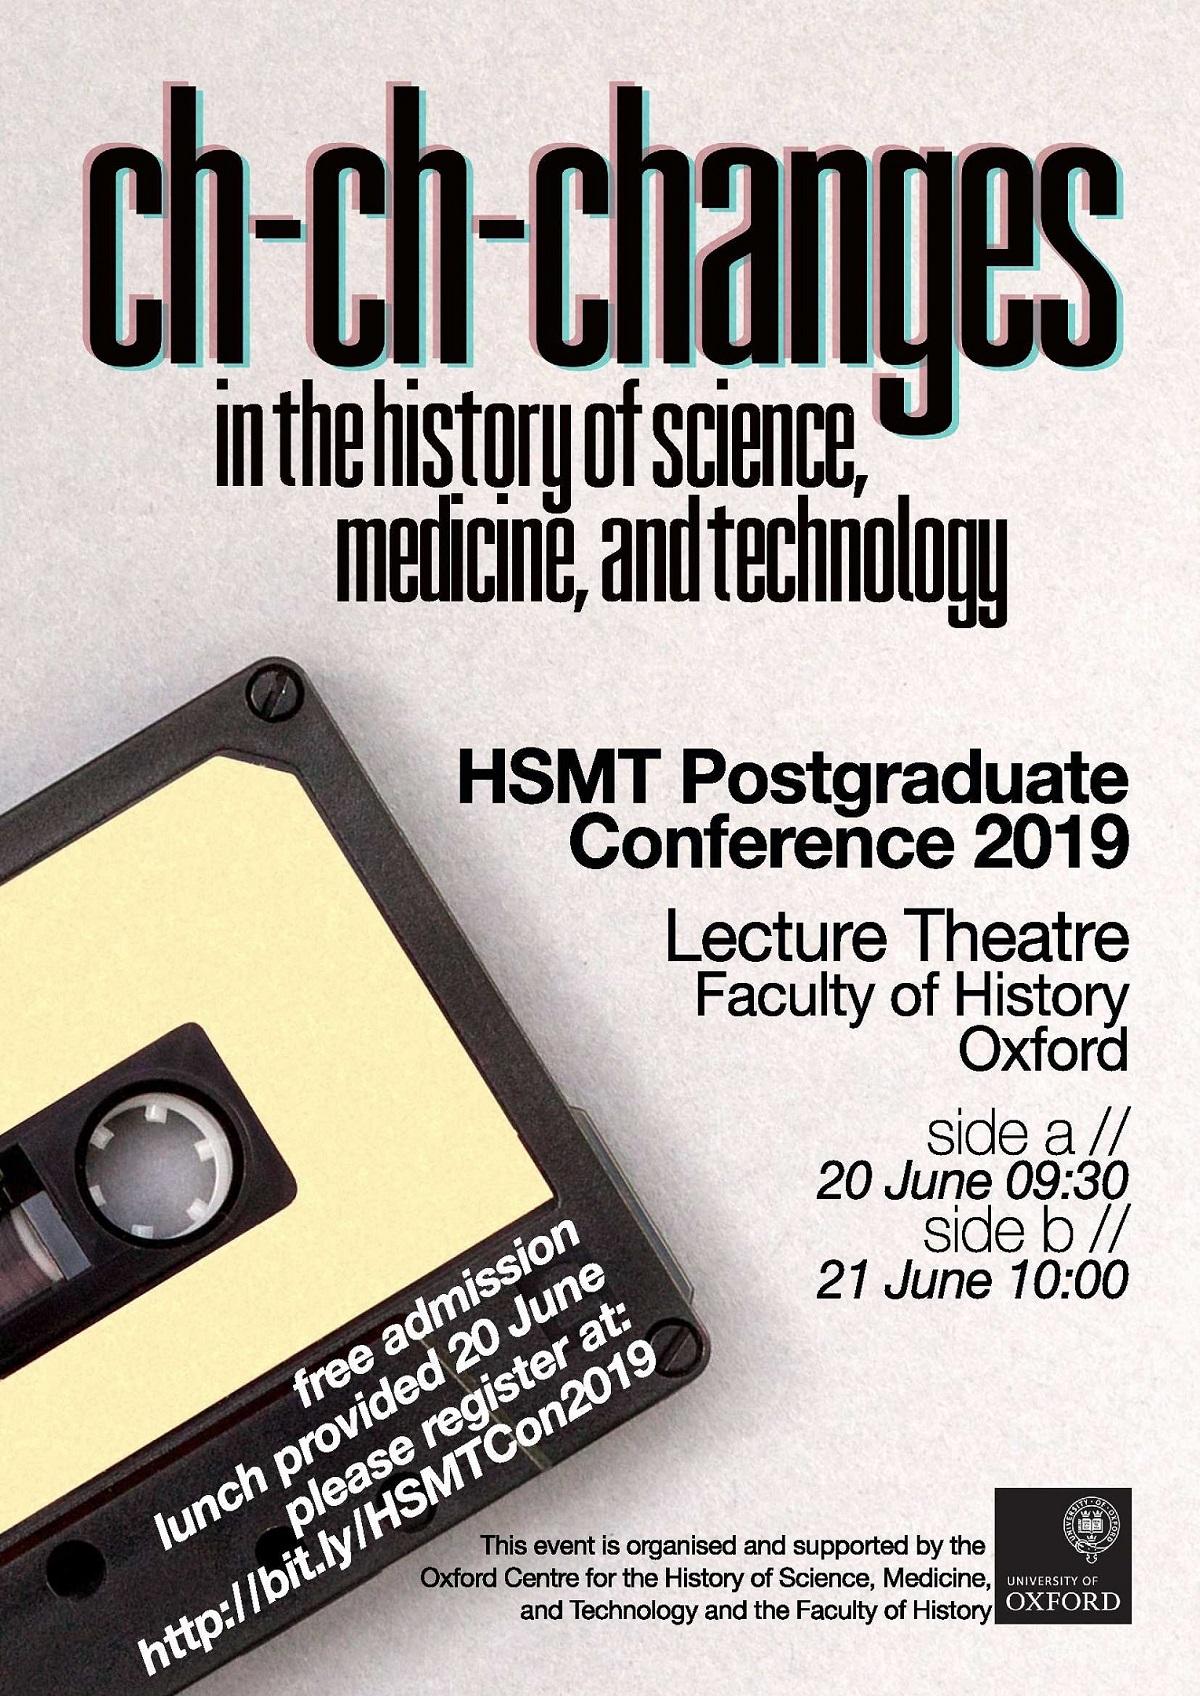 2019 HSMT PG Conference Poster